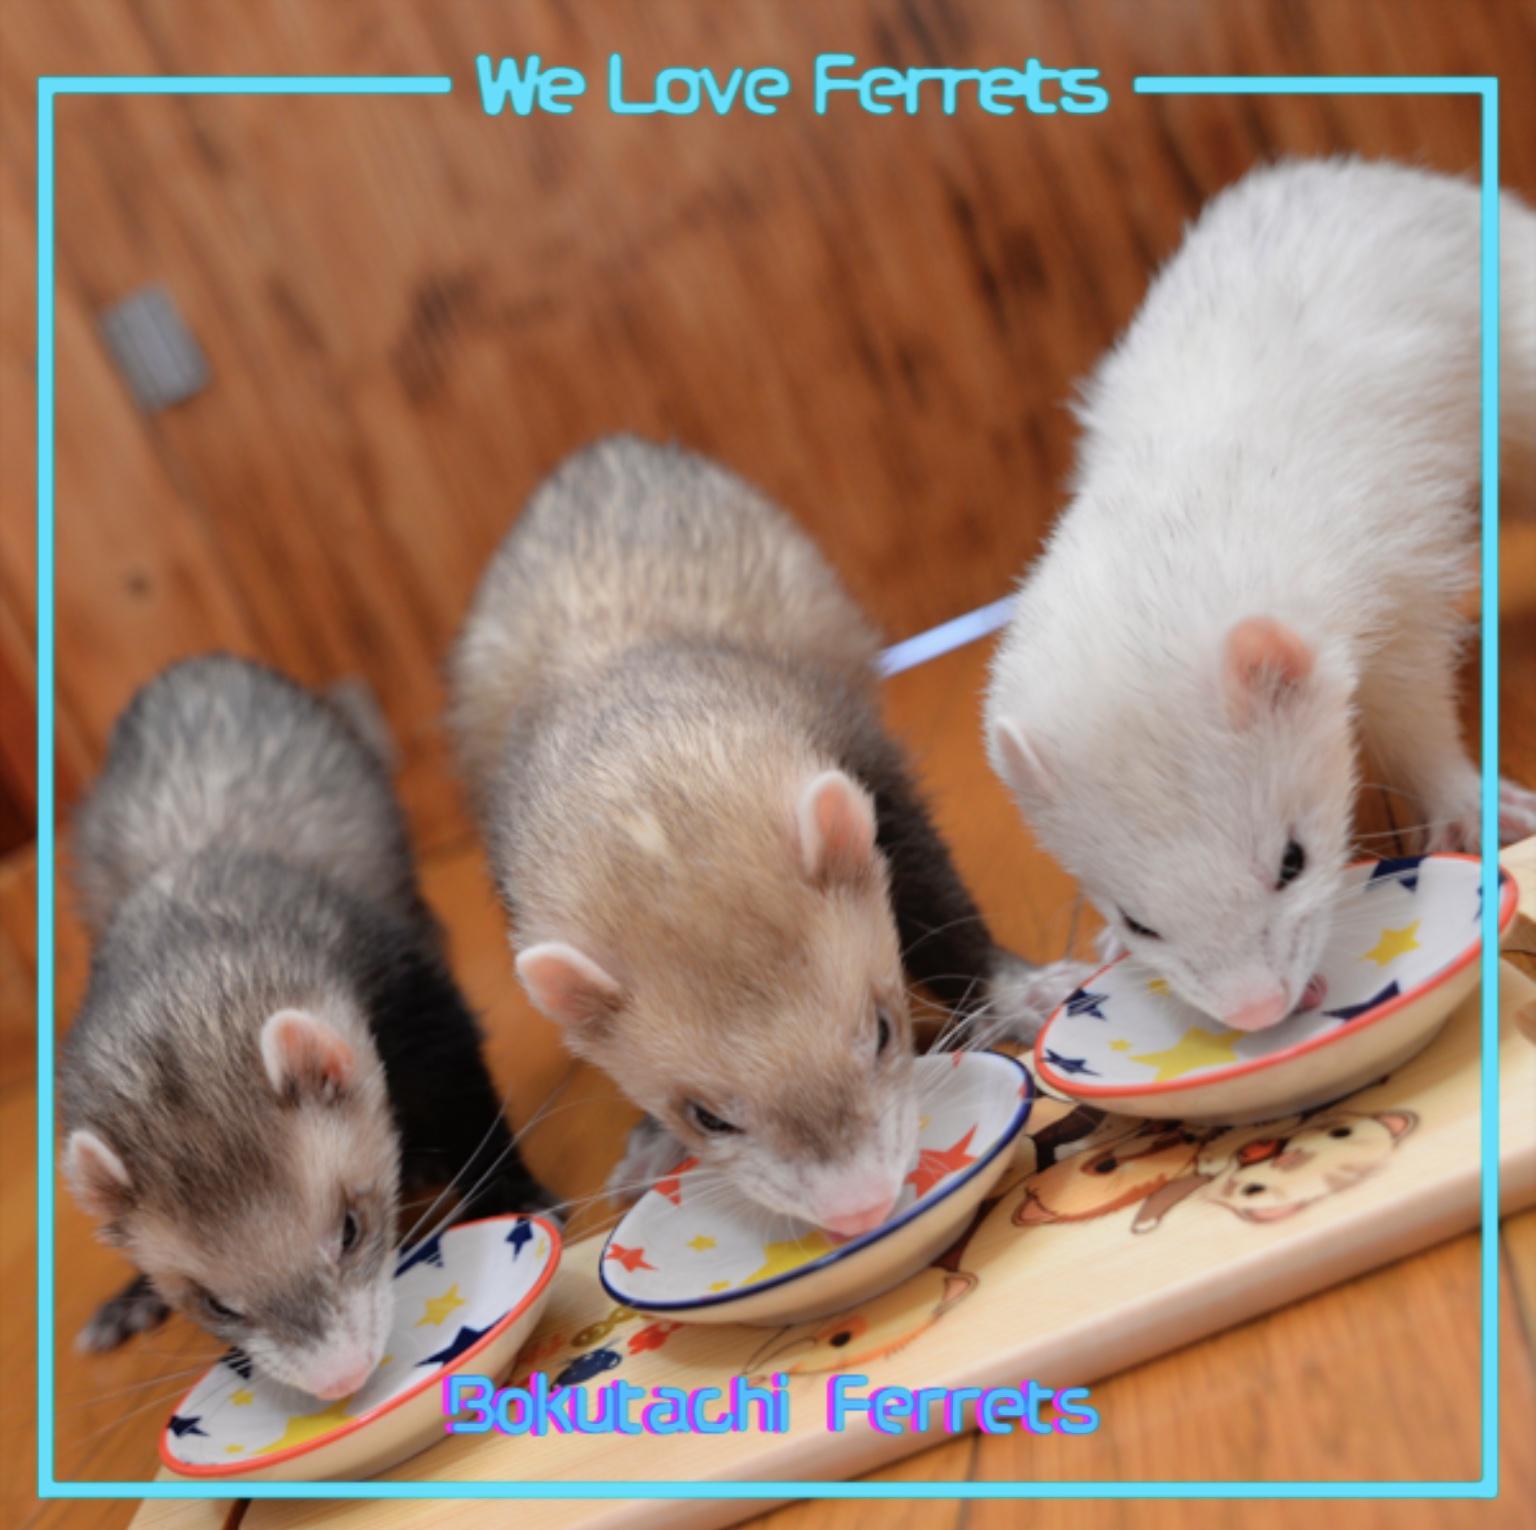 僕たちフェレット可愛い仲間ホームページお知らせを更新しました。